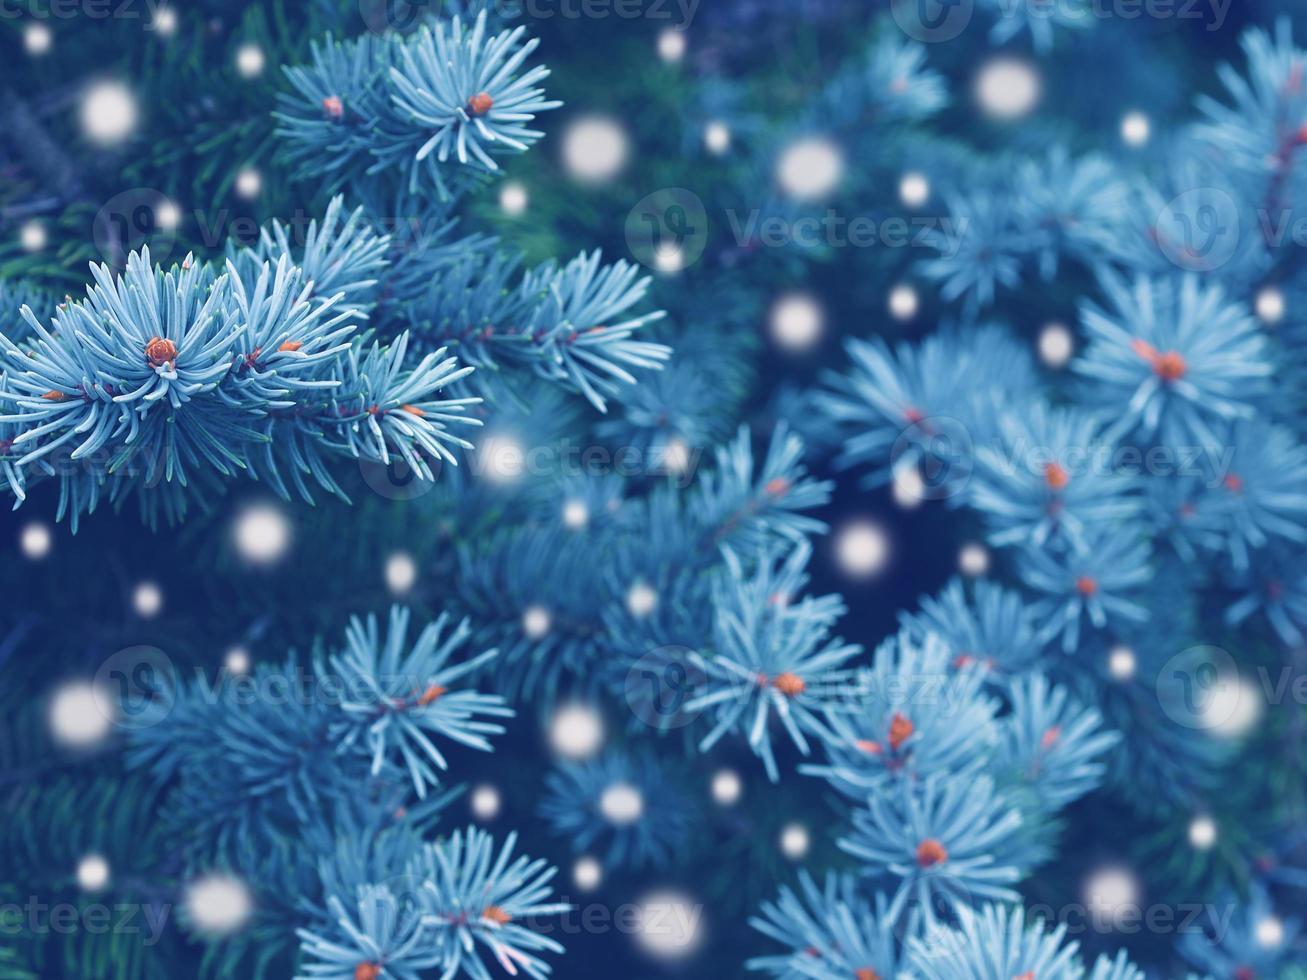 magia de invierno en el bosque foto